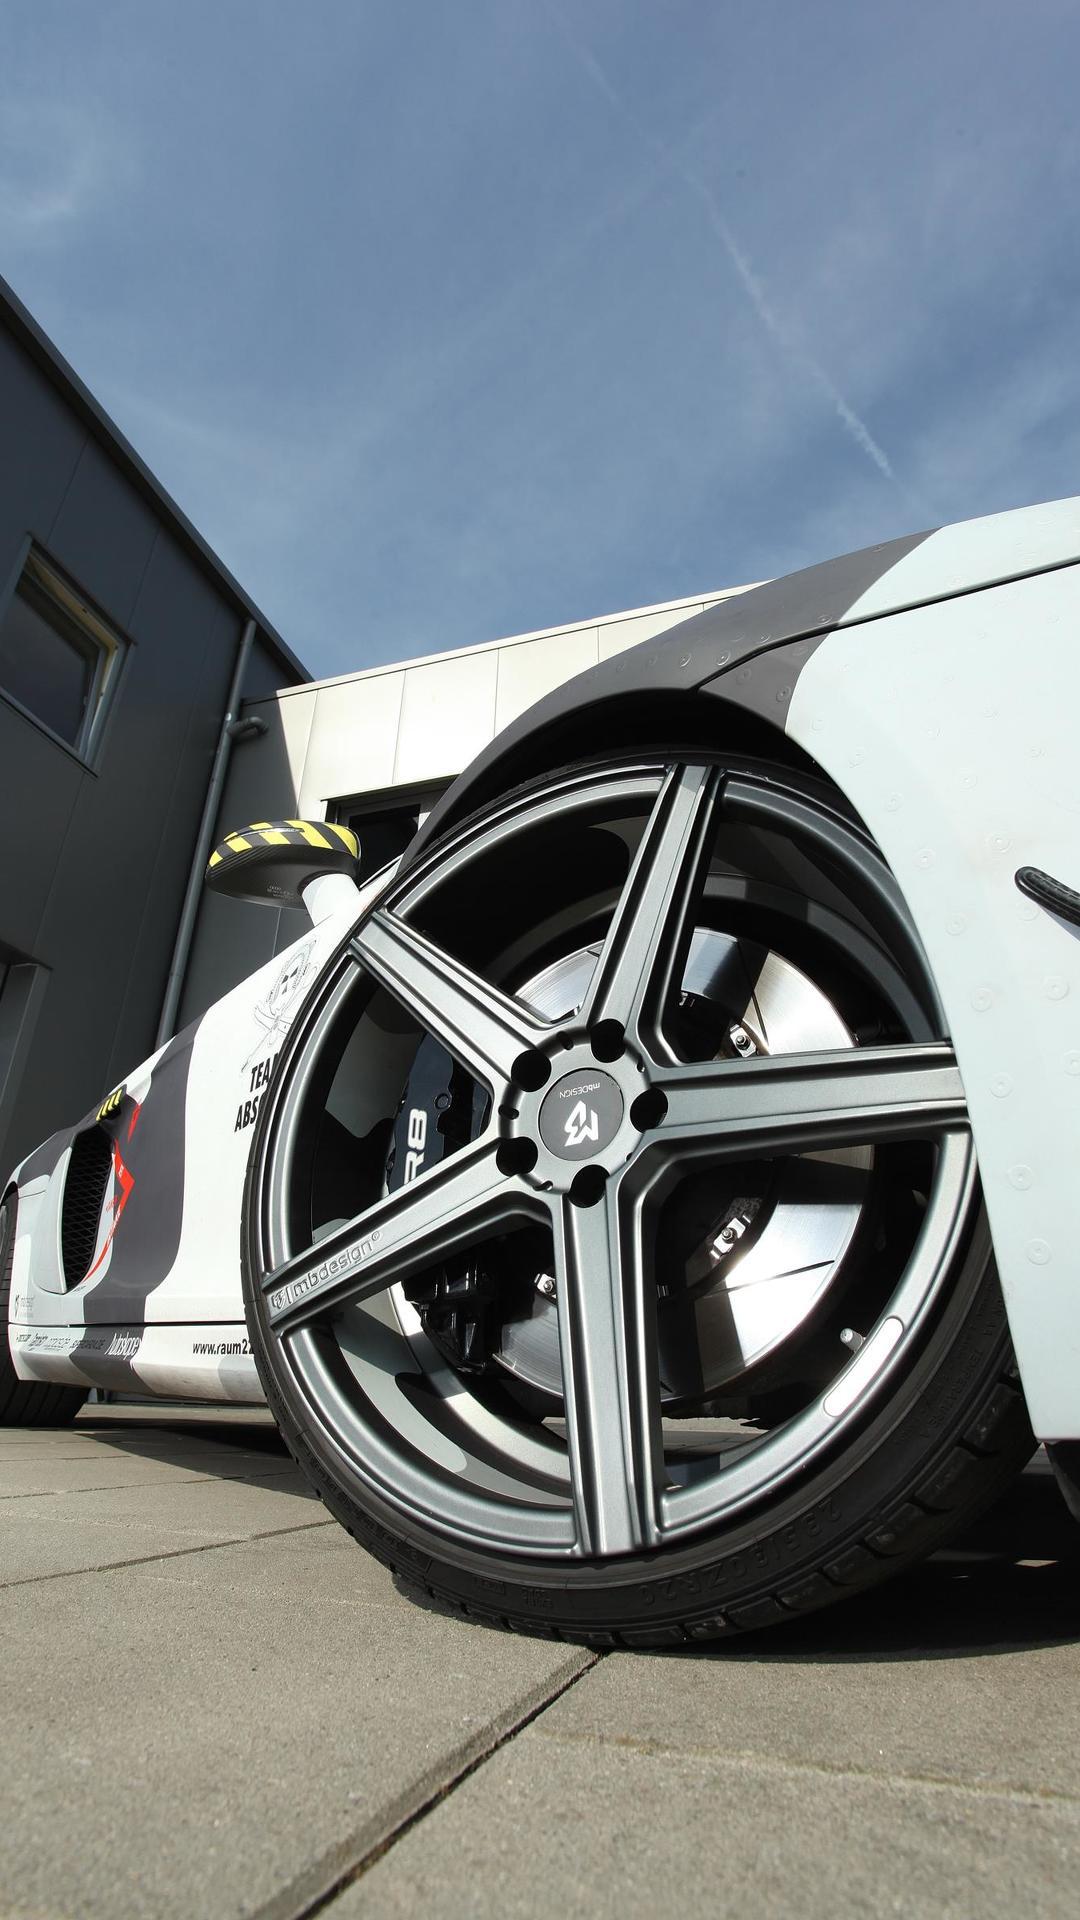 Пятиспицевые колёса Audi R8 V8 от mbDESIGN